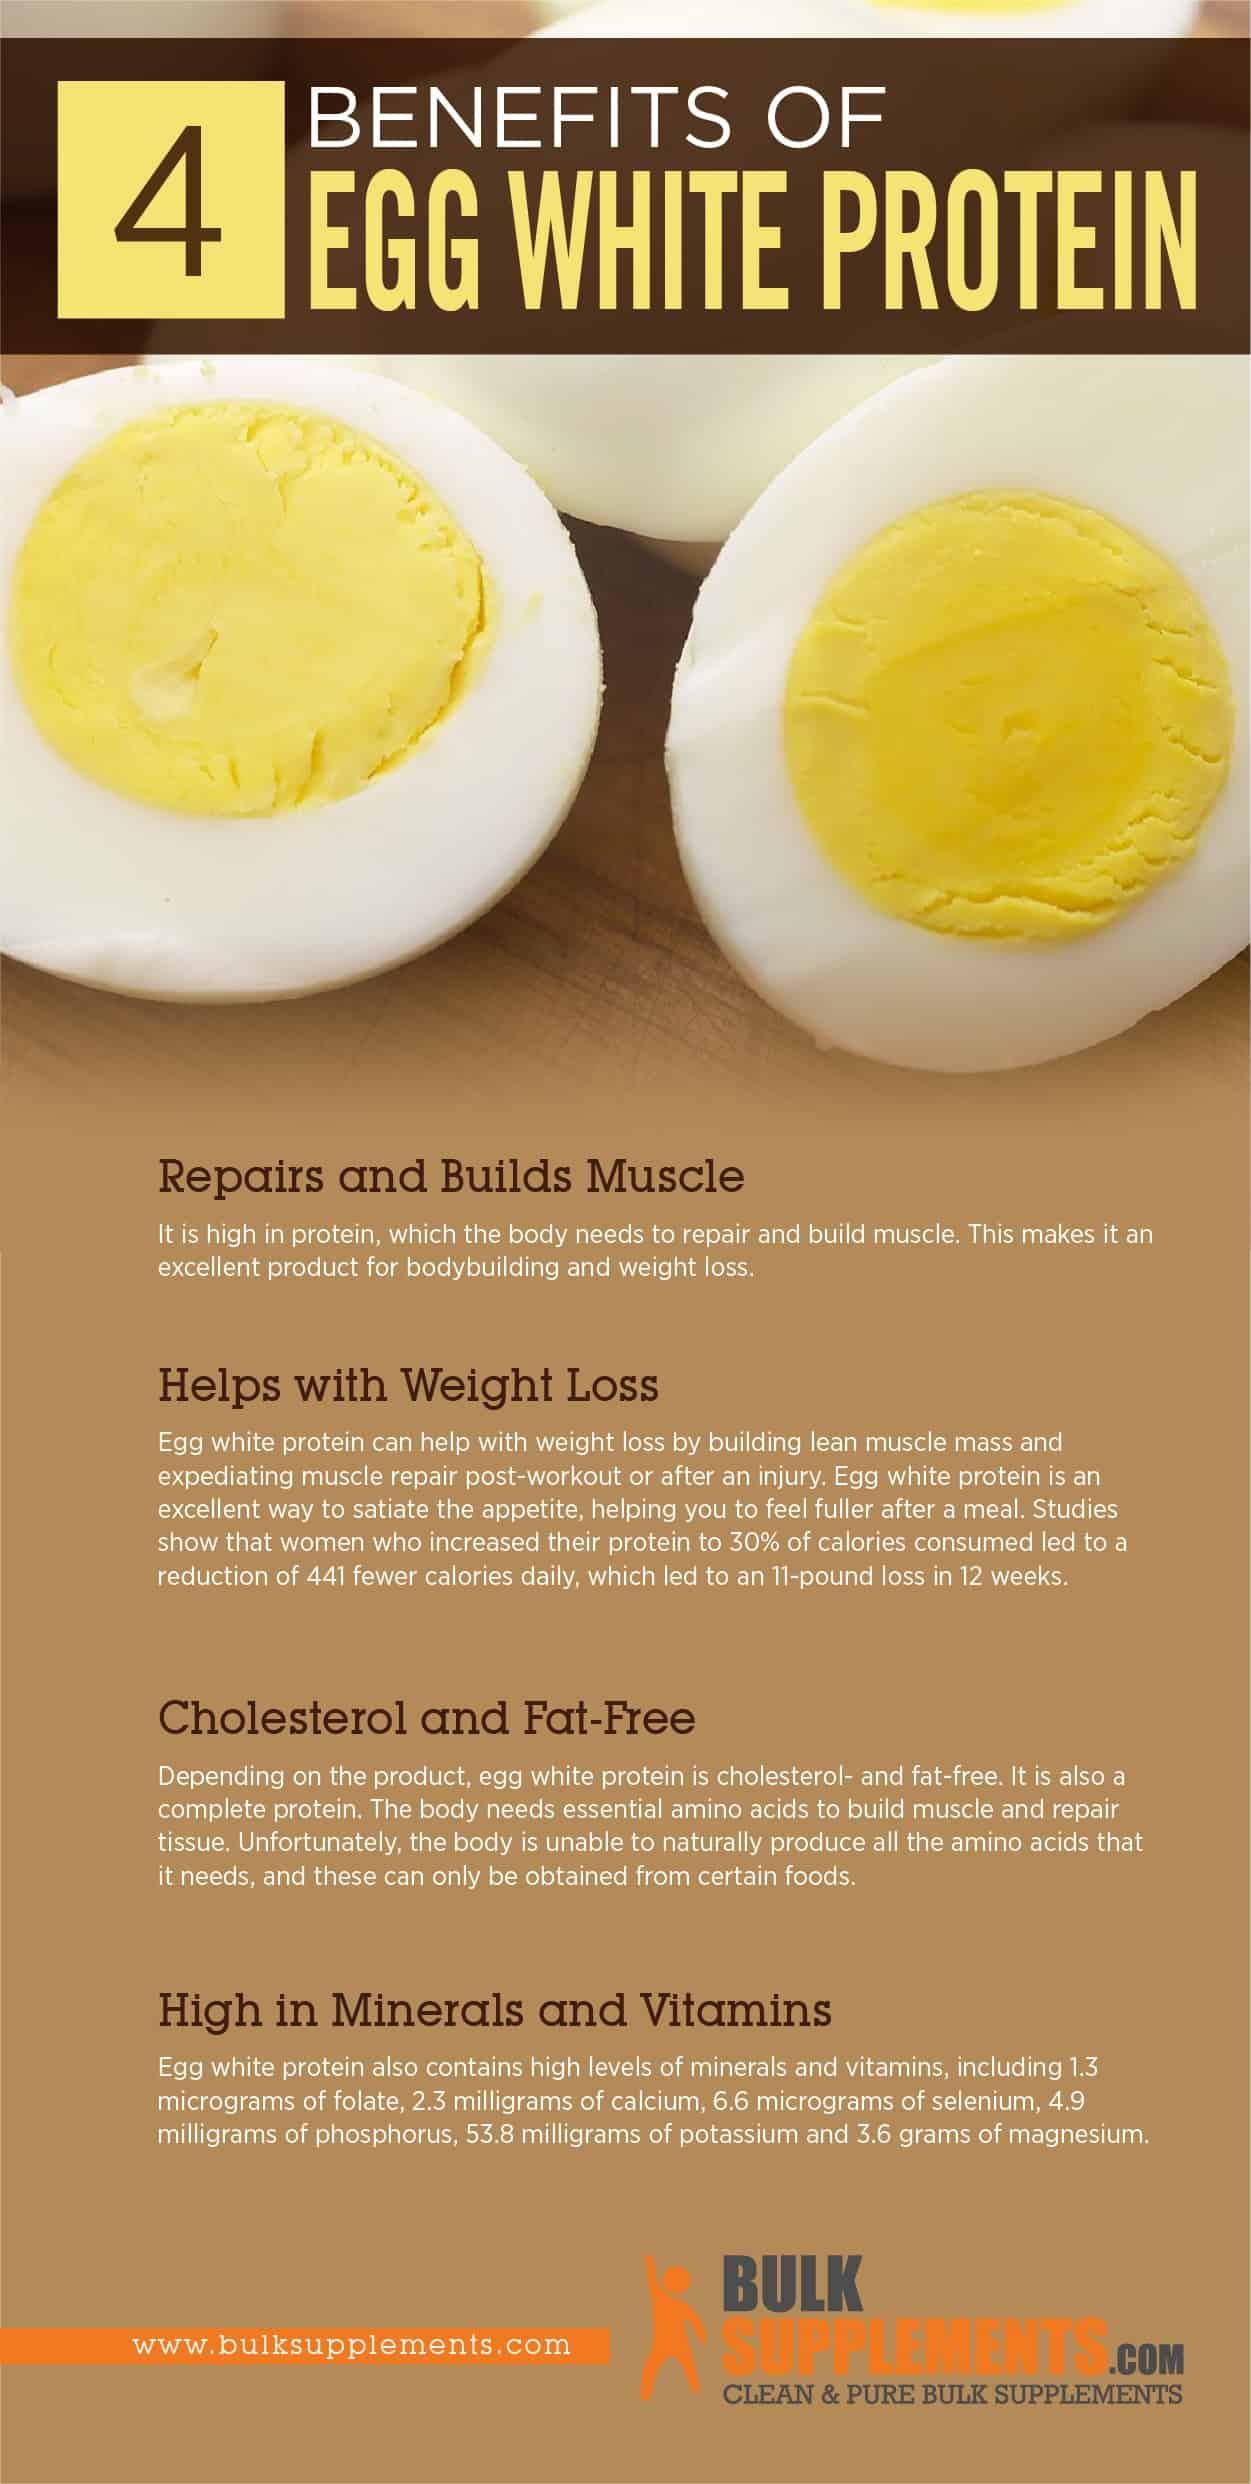 Egg White Protein Benefits